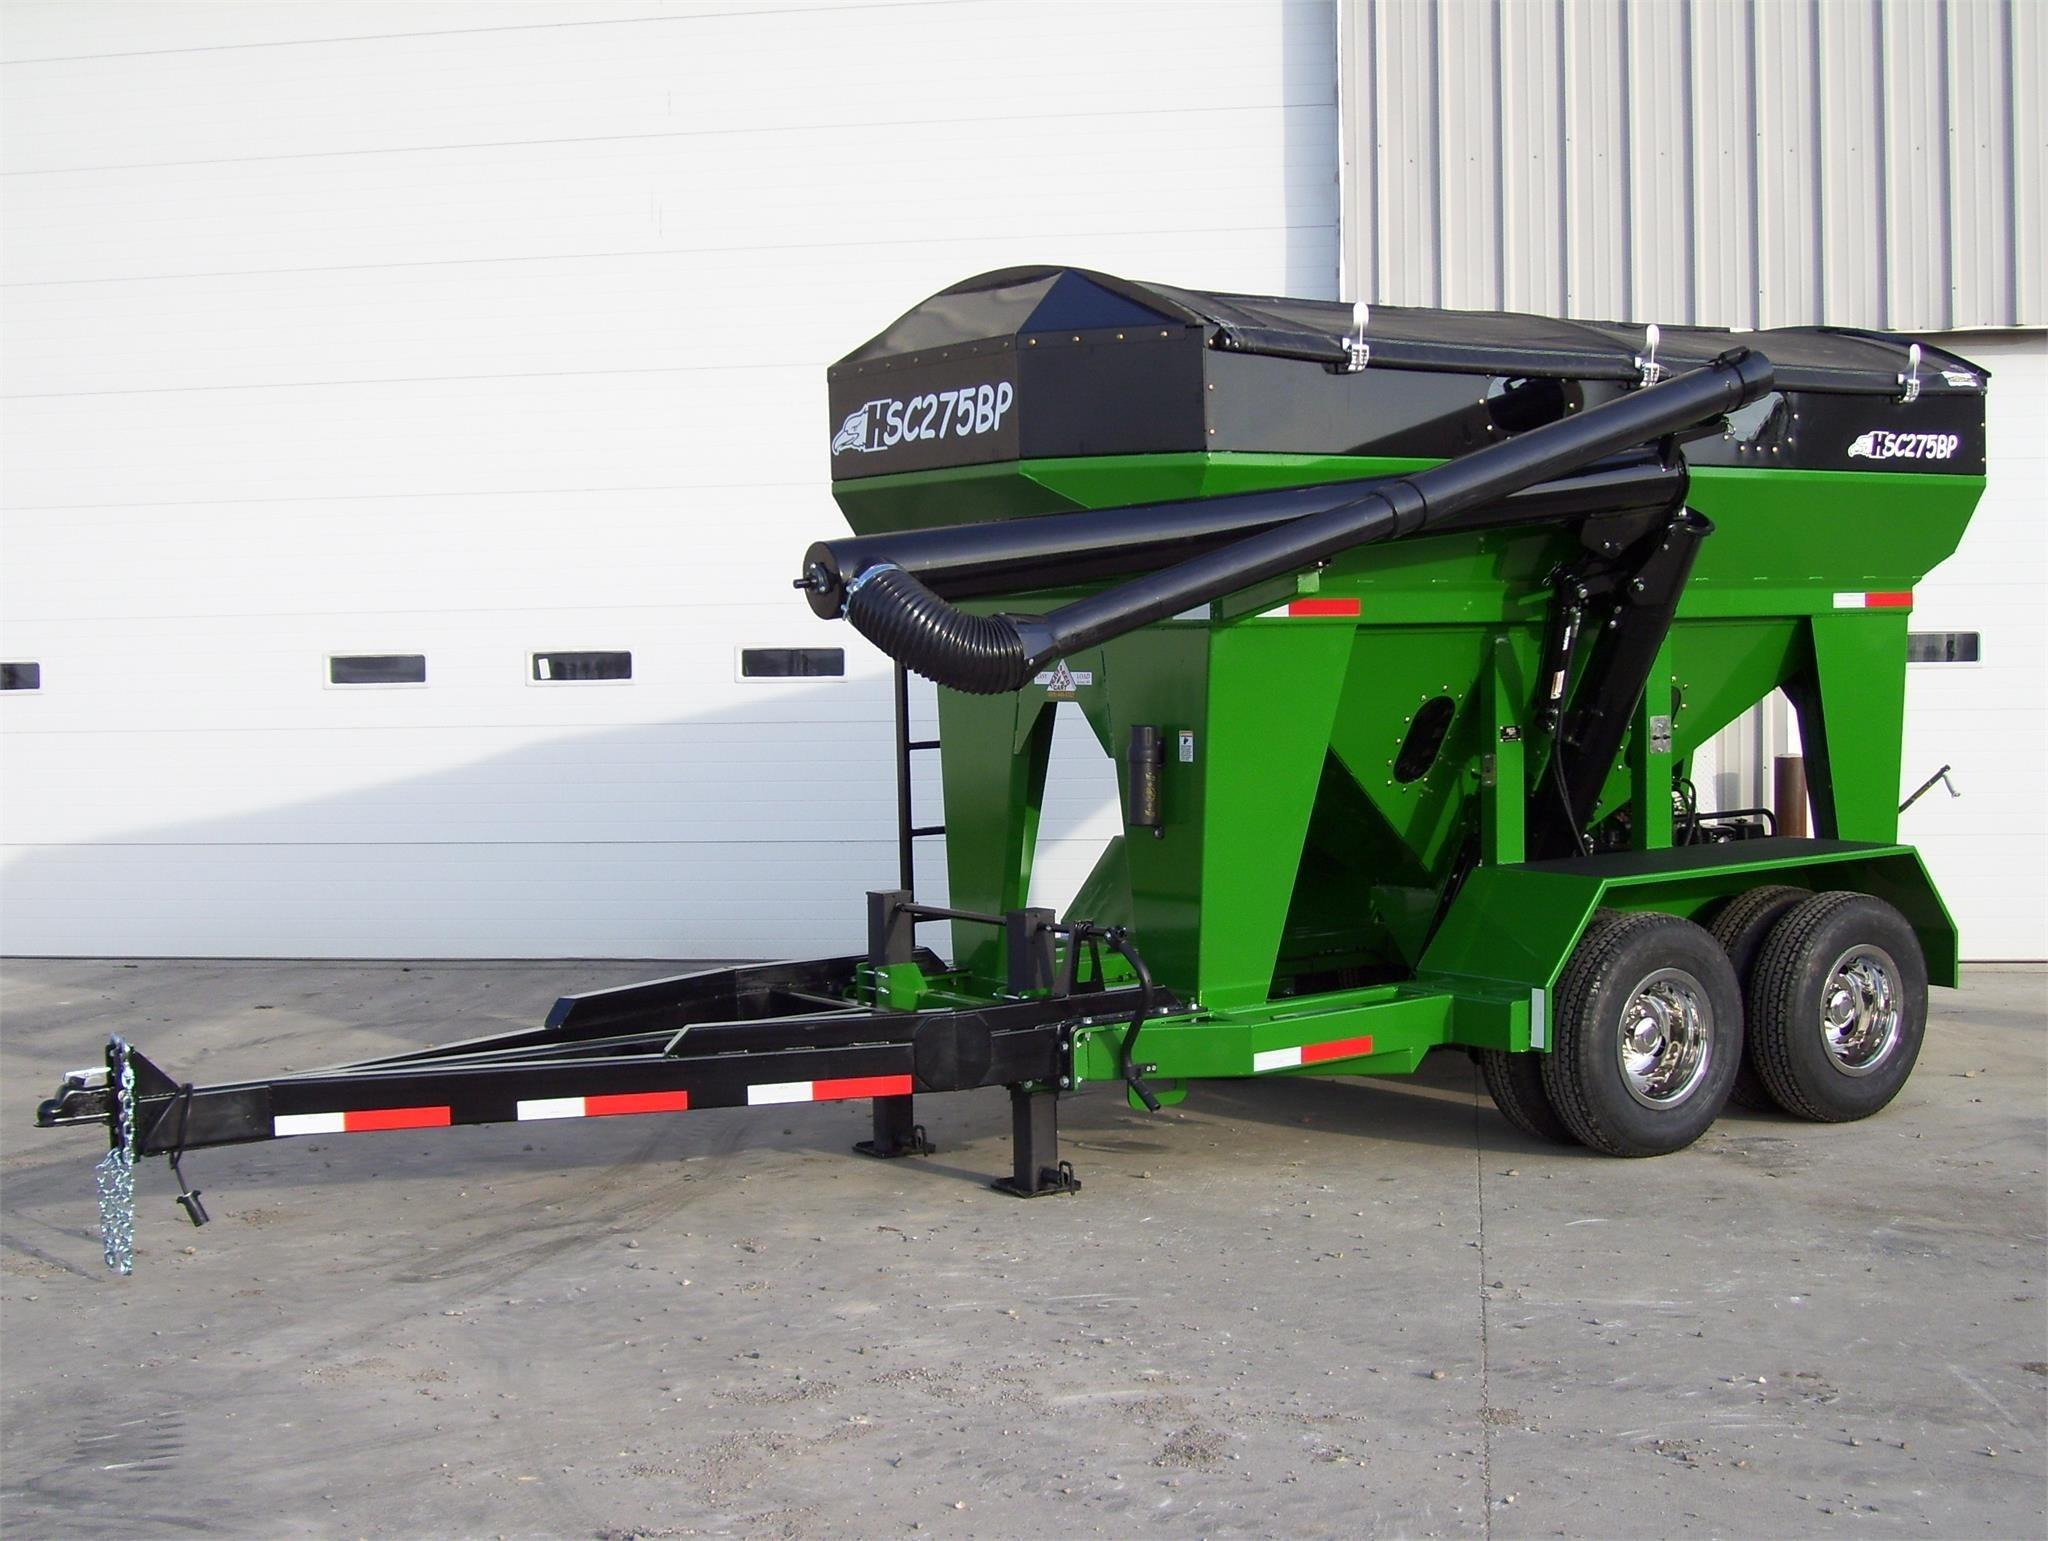 2020 Travis Seed Cart HSC275BP Seed Tender